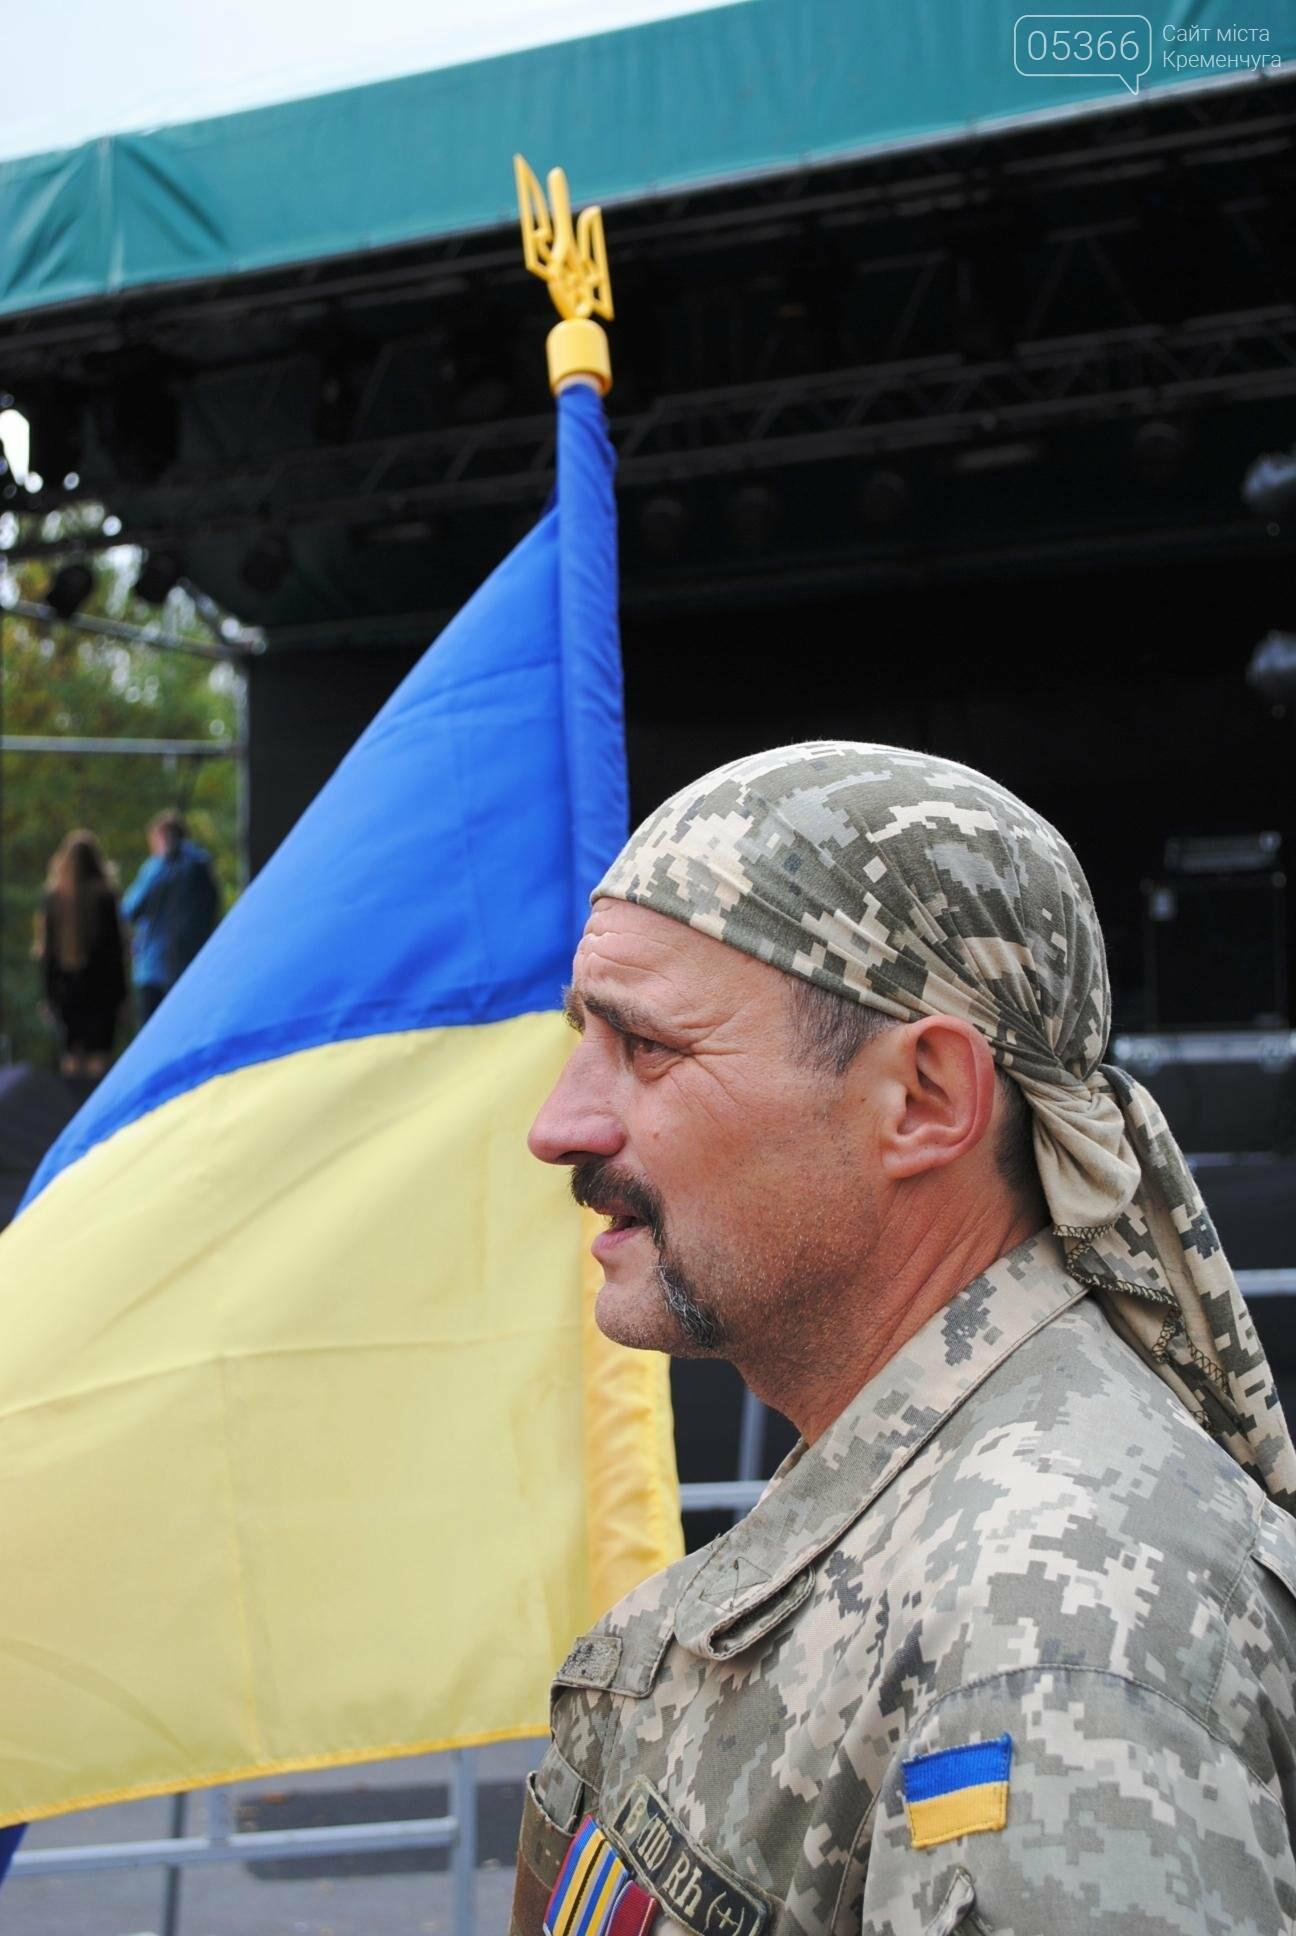 Кременчуг празднует День защитника Украины (фоторепортаж), фото-9